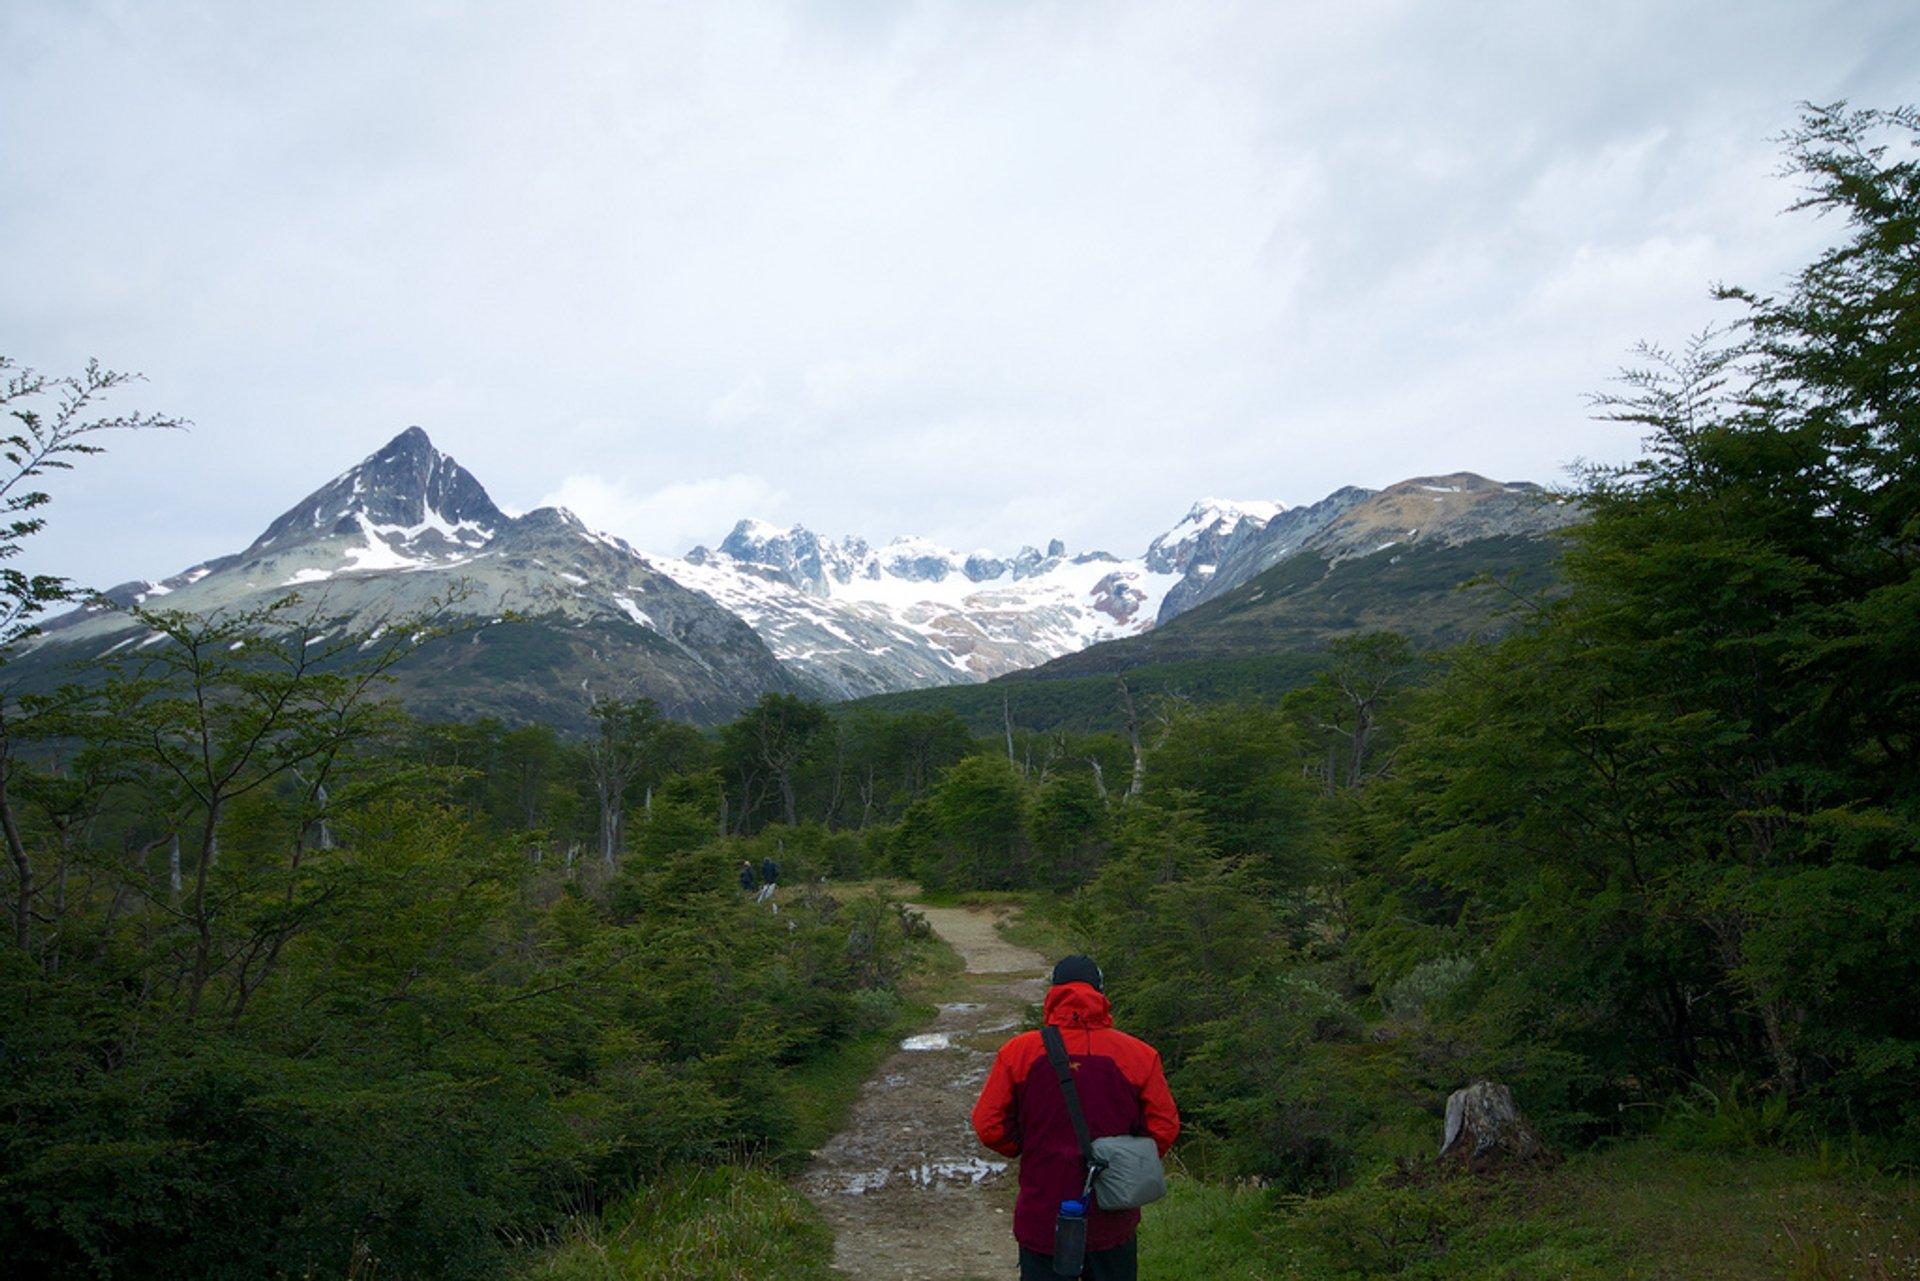 Trekking to Laguna Esmeralda, Tierra del Fuego 2020